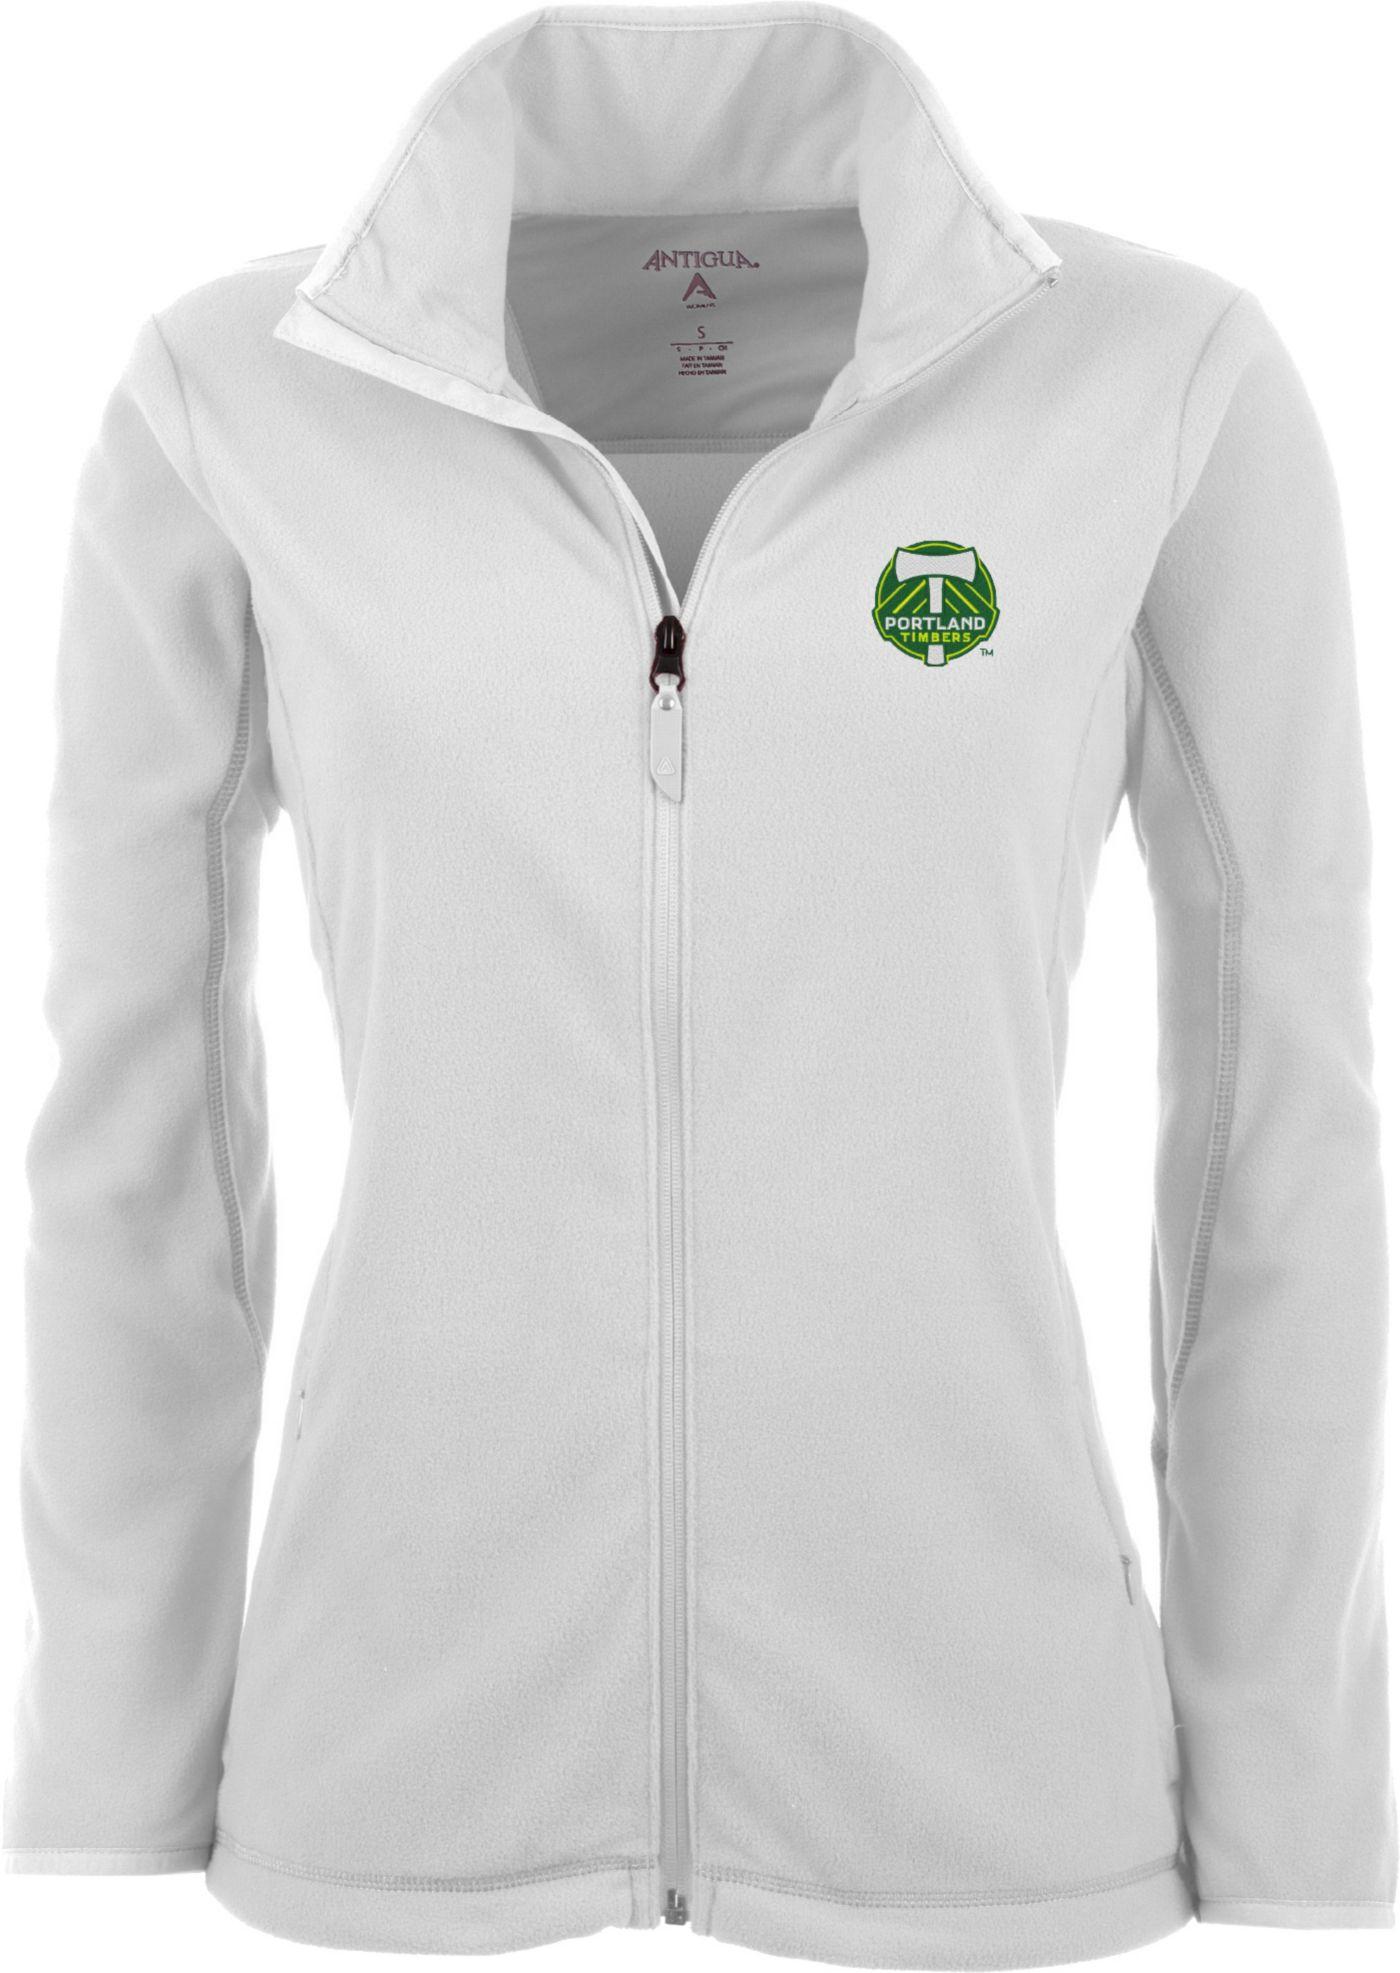 Antigua Women's Portland Timbers White Ice Full-Zip Fleece Jacket